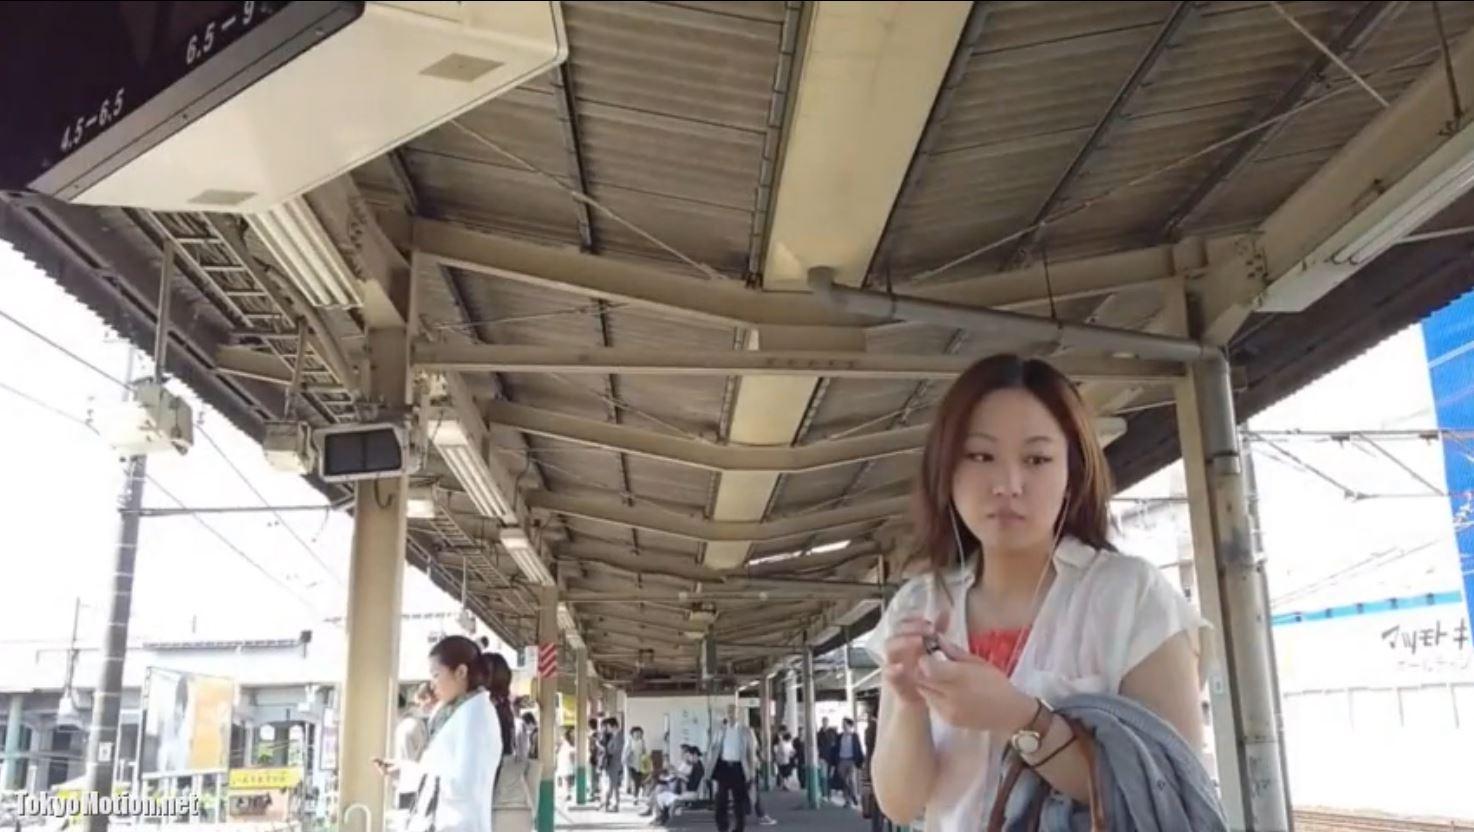 【スカートめくりパンティ撮影】駅で見かけた美人さんを追いかける